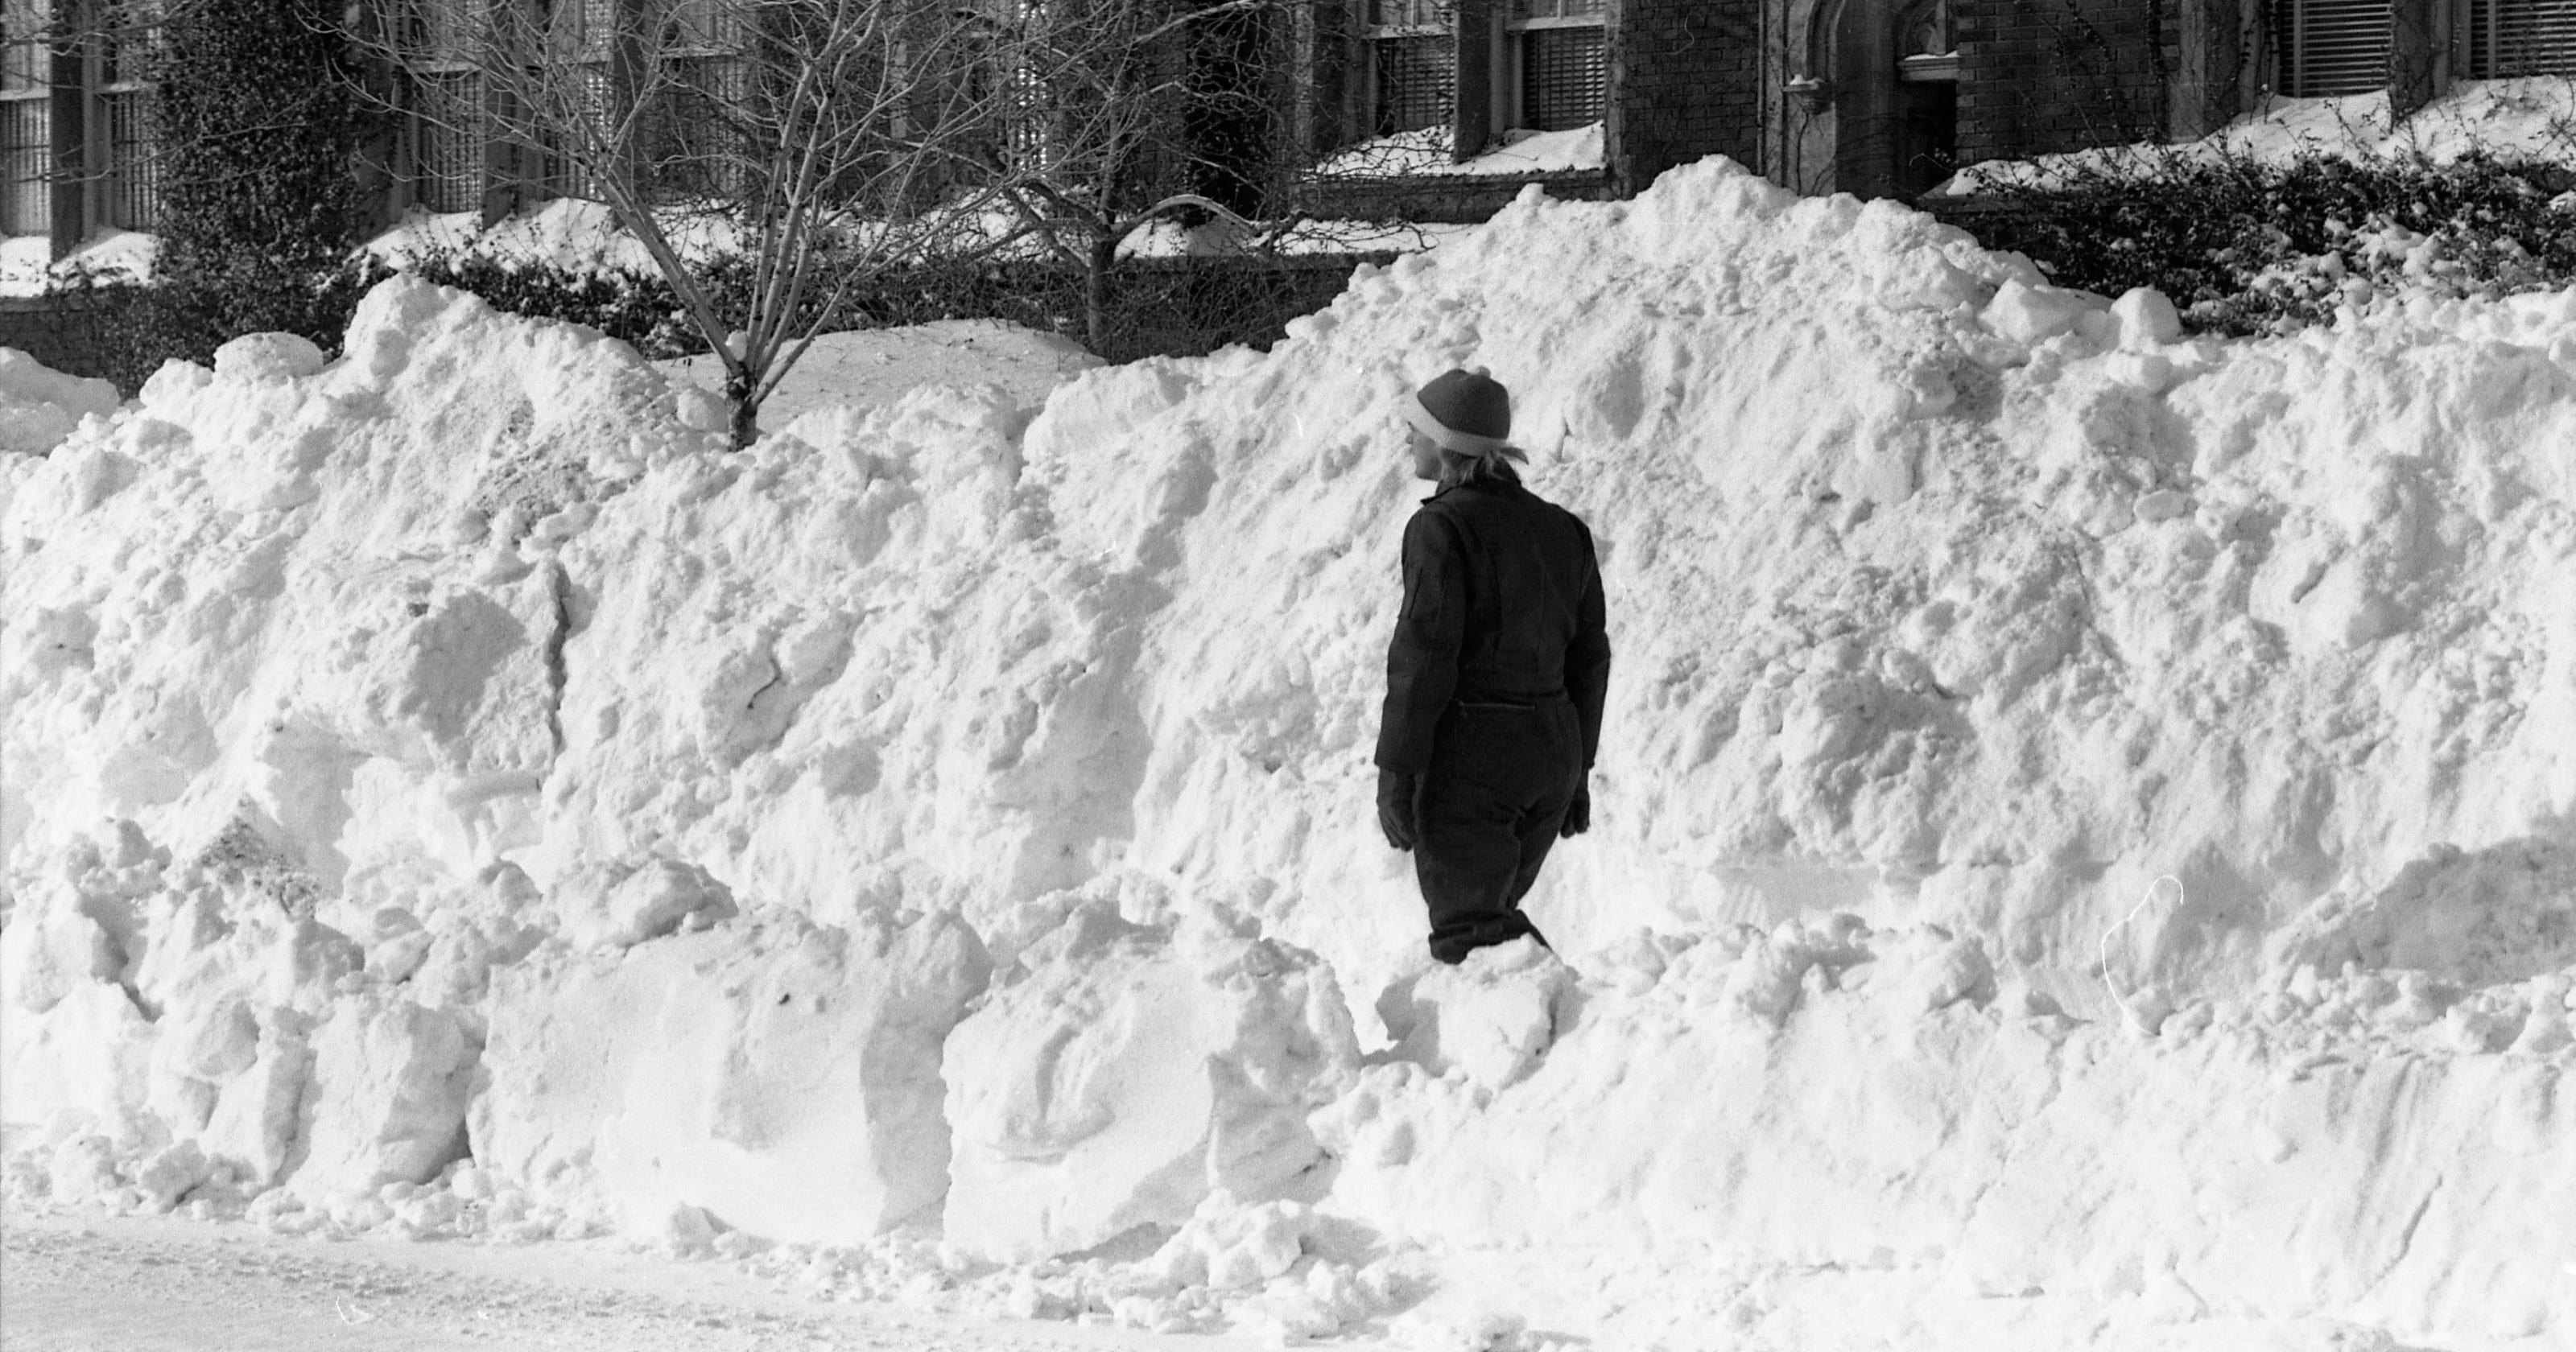 83 best images about blizzard on Pinterest   Union city ...  Muncie Snow